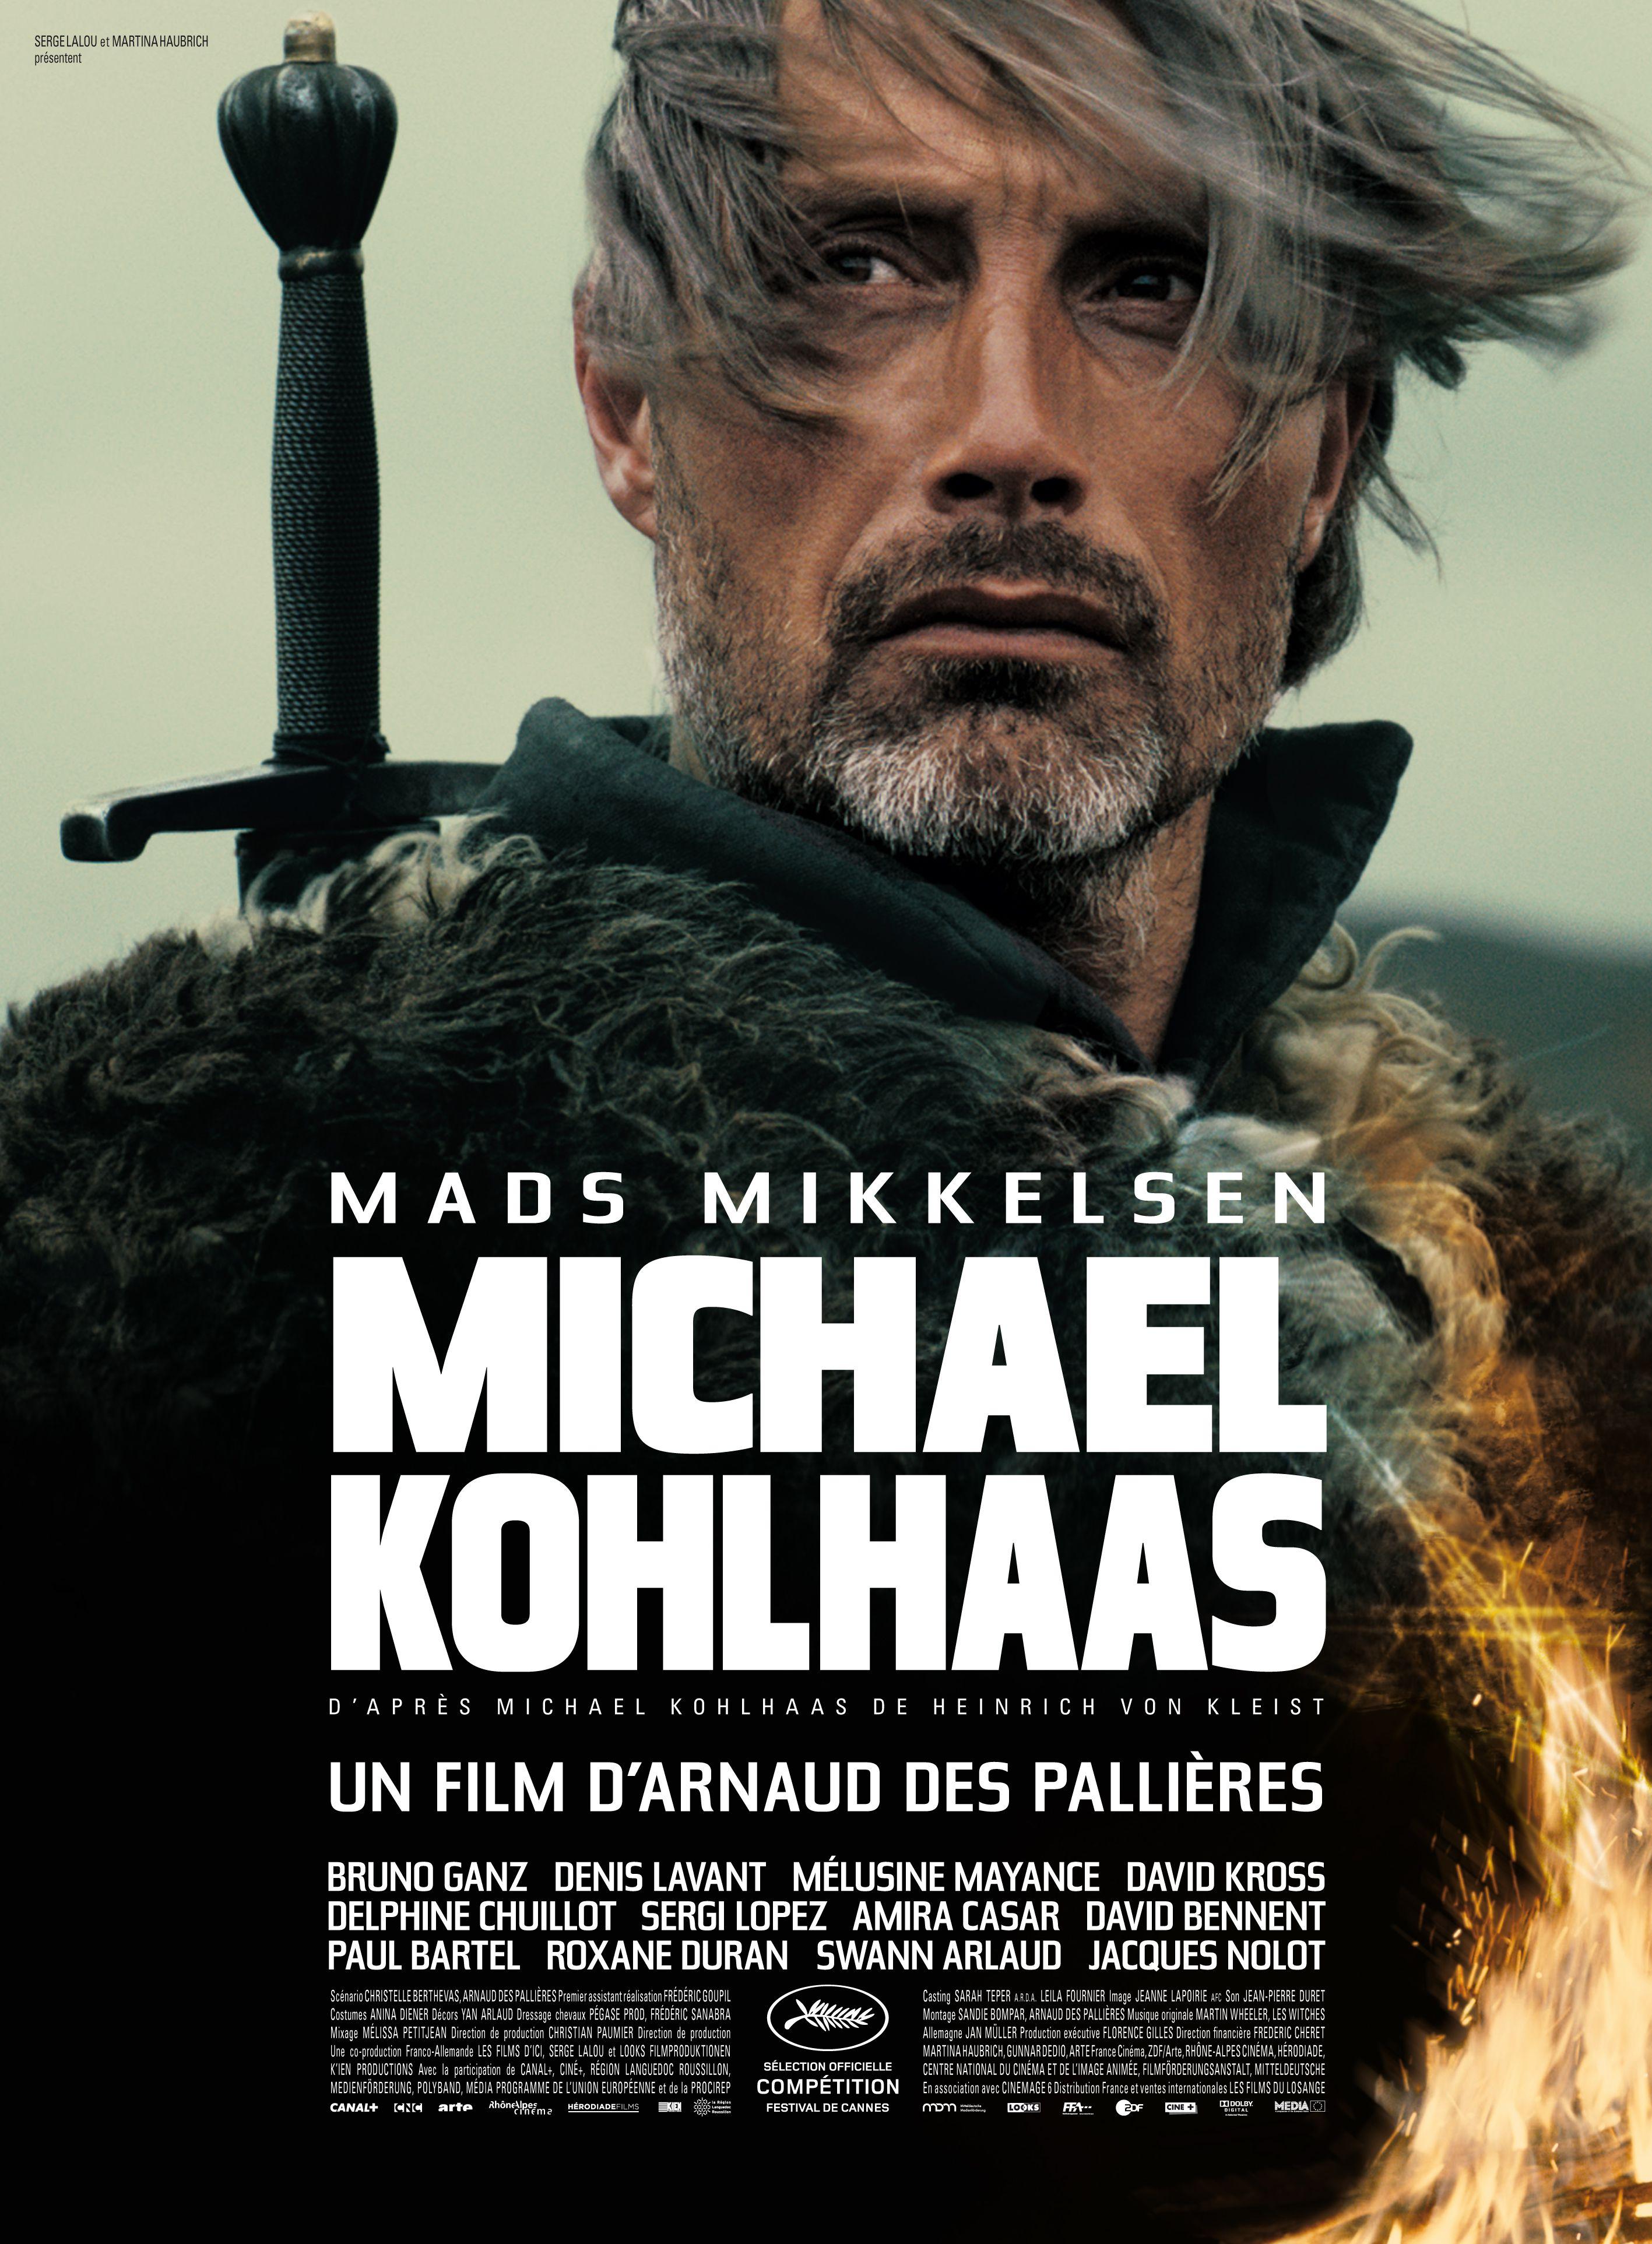 Michael Kohlhaas - Film (2013)